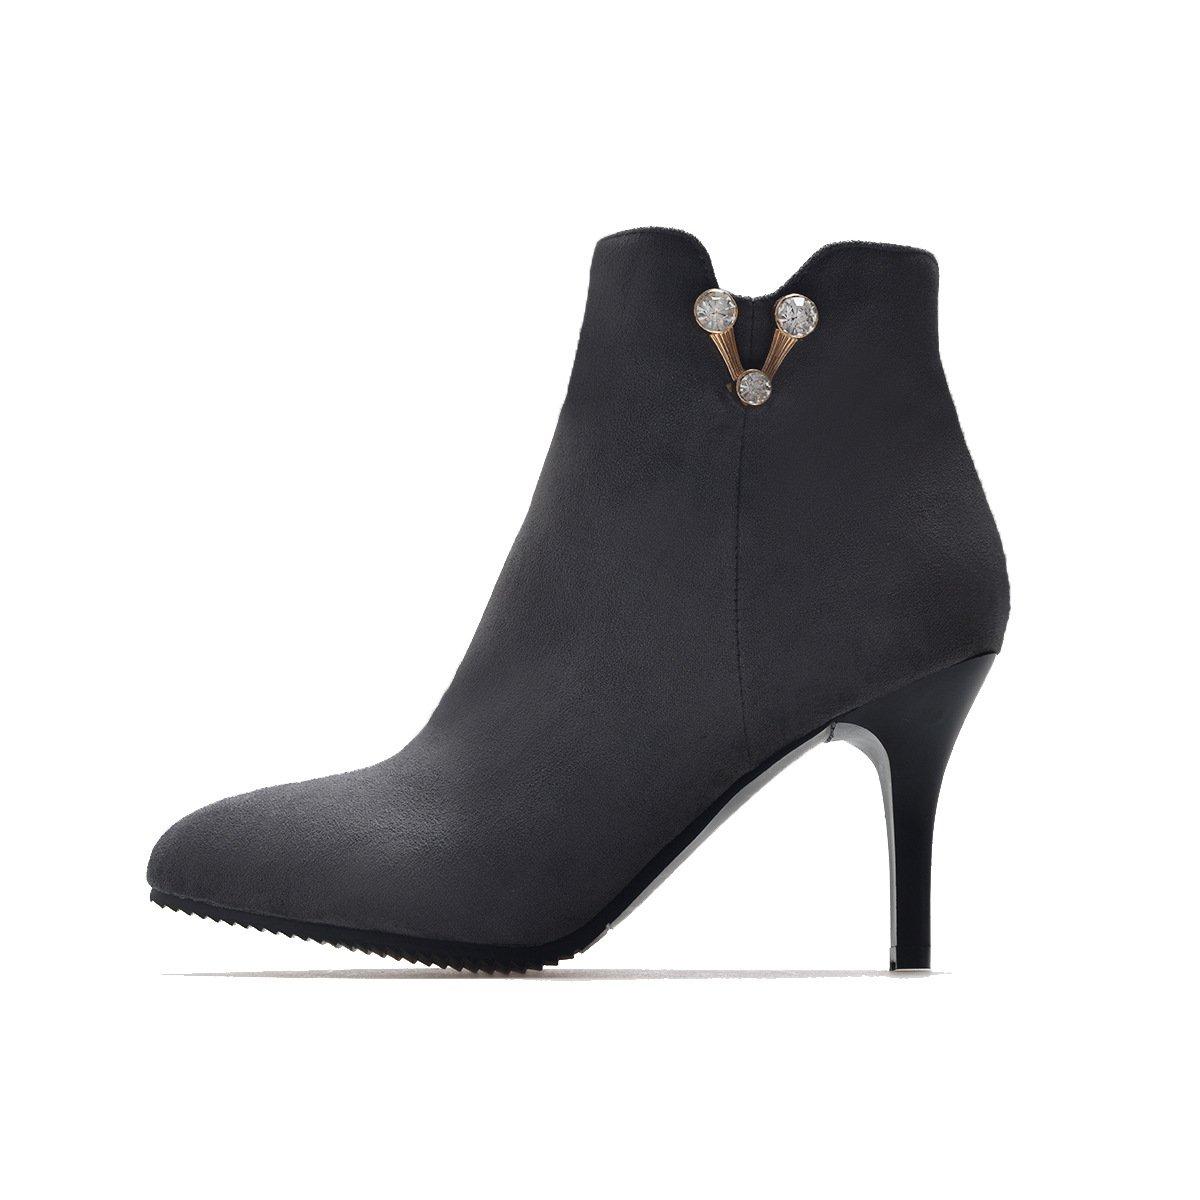 DYF Schuhe Schuhe Schuhe Kurze Stiefel Fein High Heel Scharfe Farbe Strass Groß, Grau, 36 6edd90